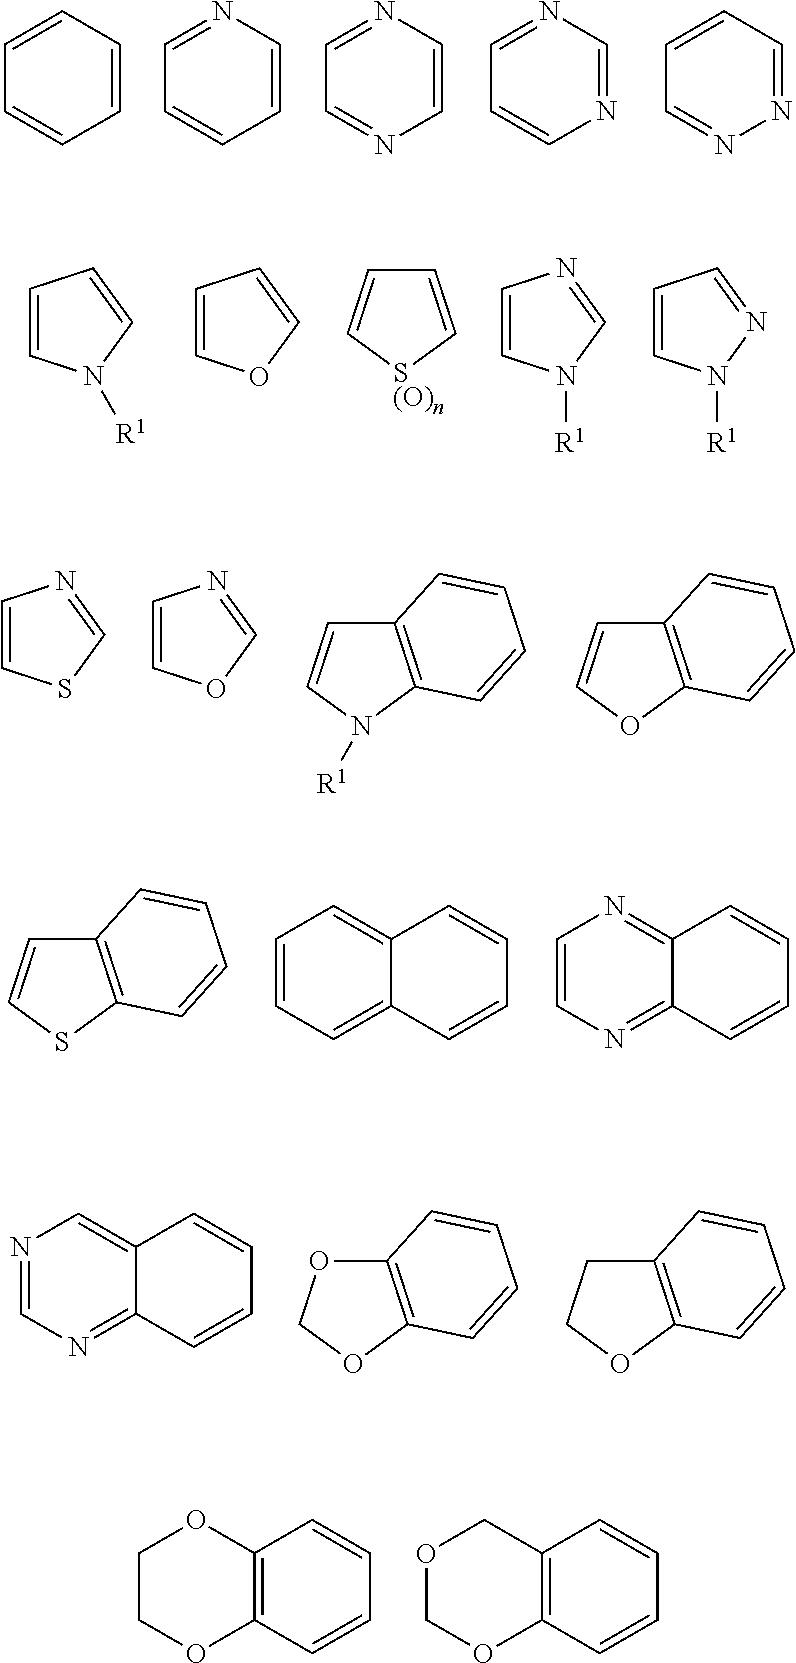 Figure US09475801-20161025-C00019